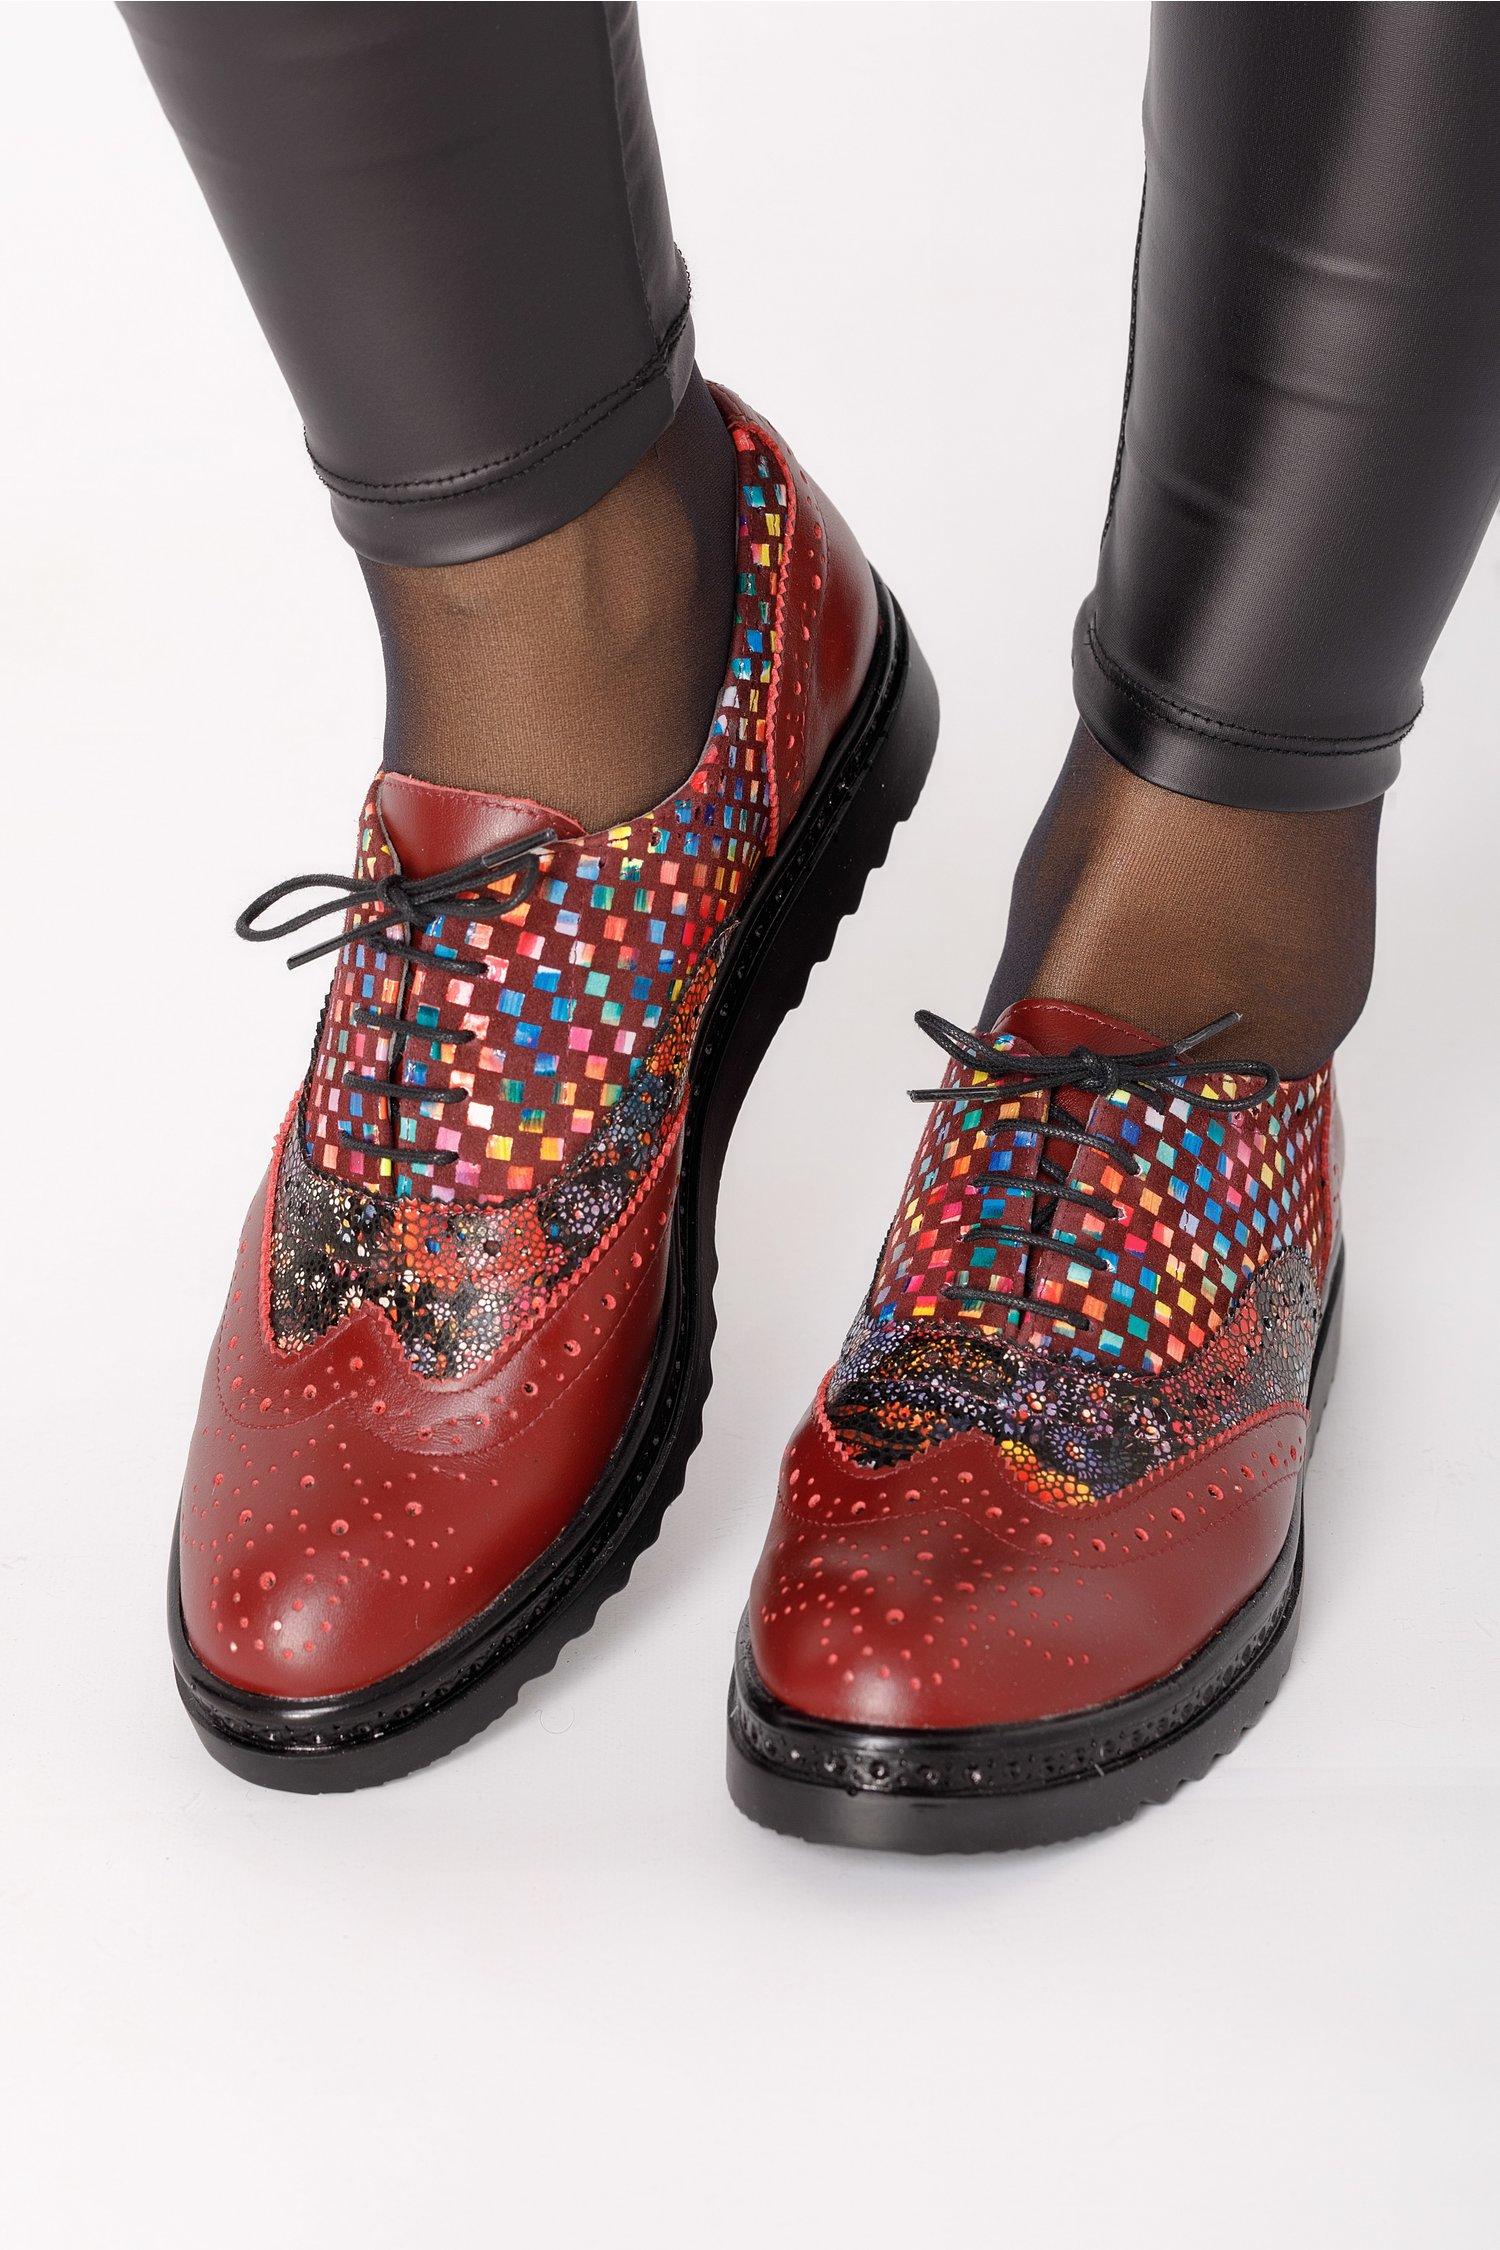 Pantofi Cezara bordo cu imprimeu multicolor